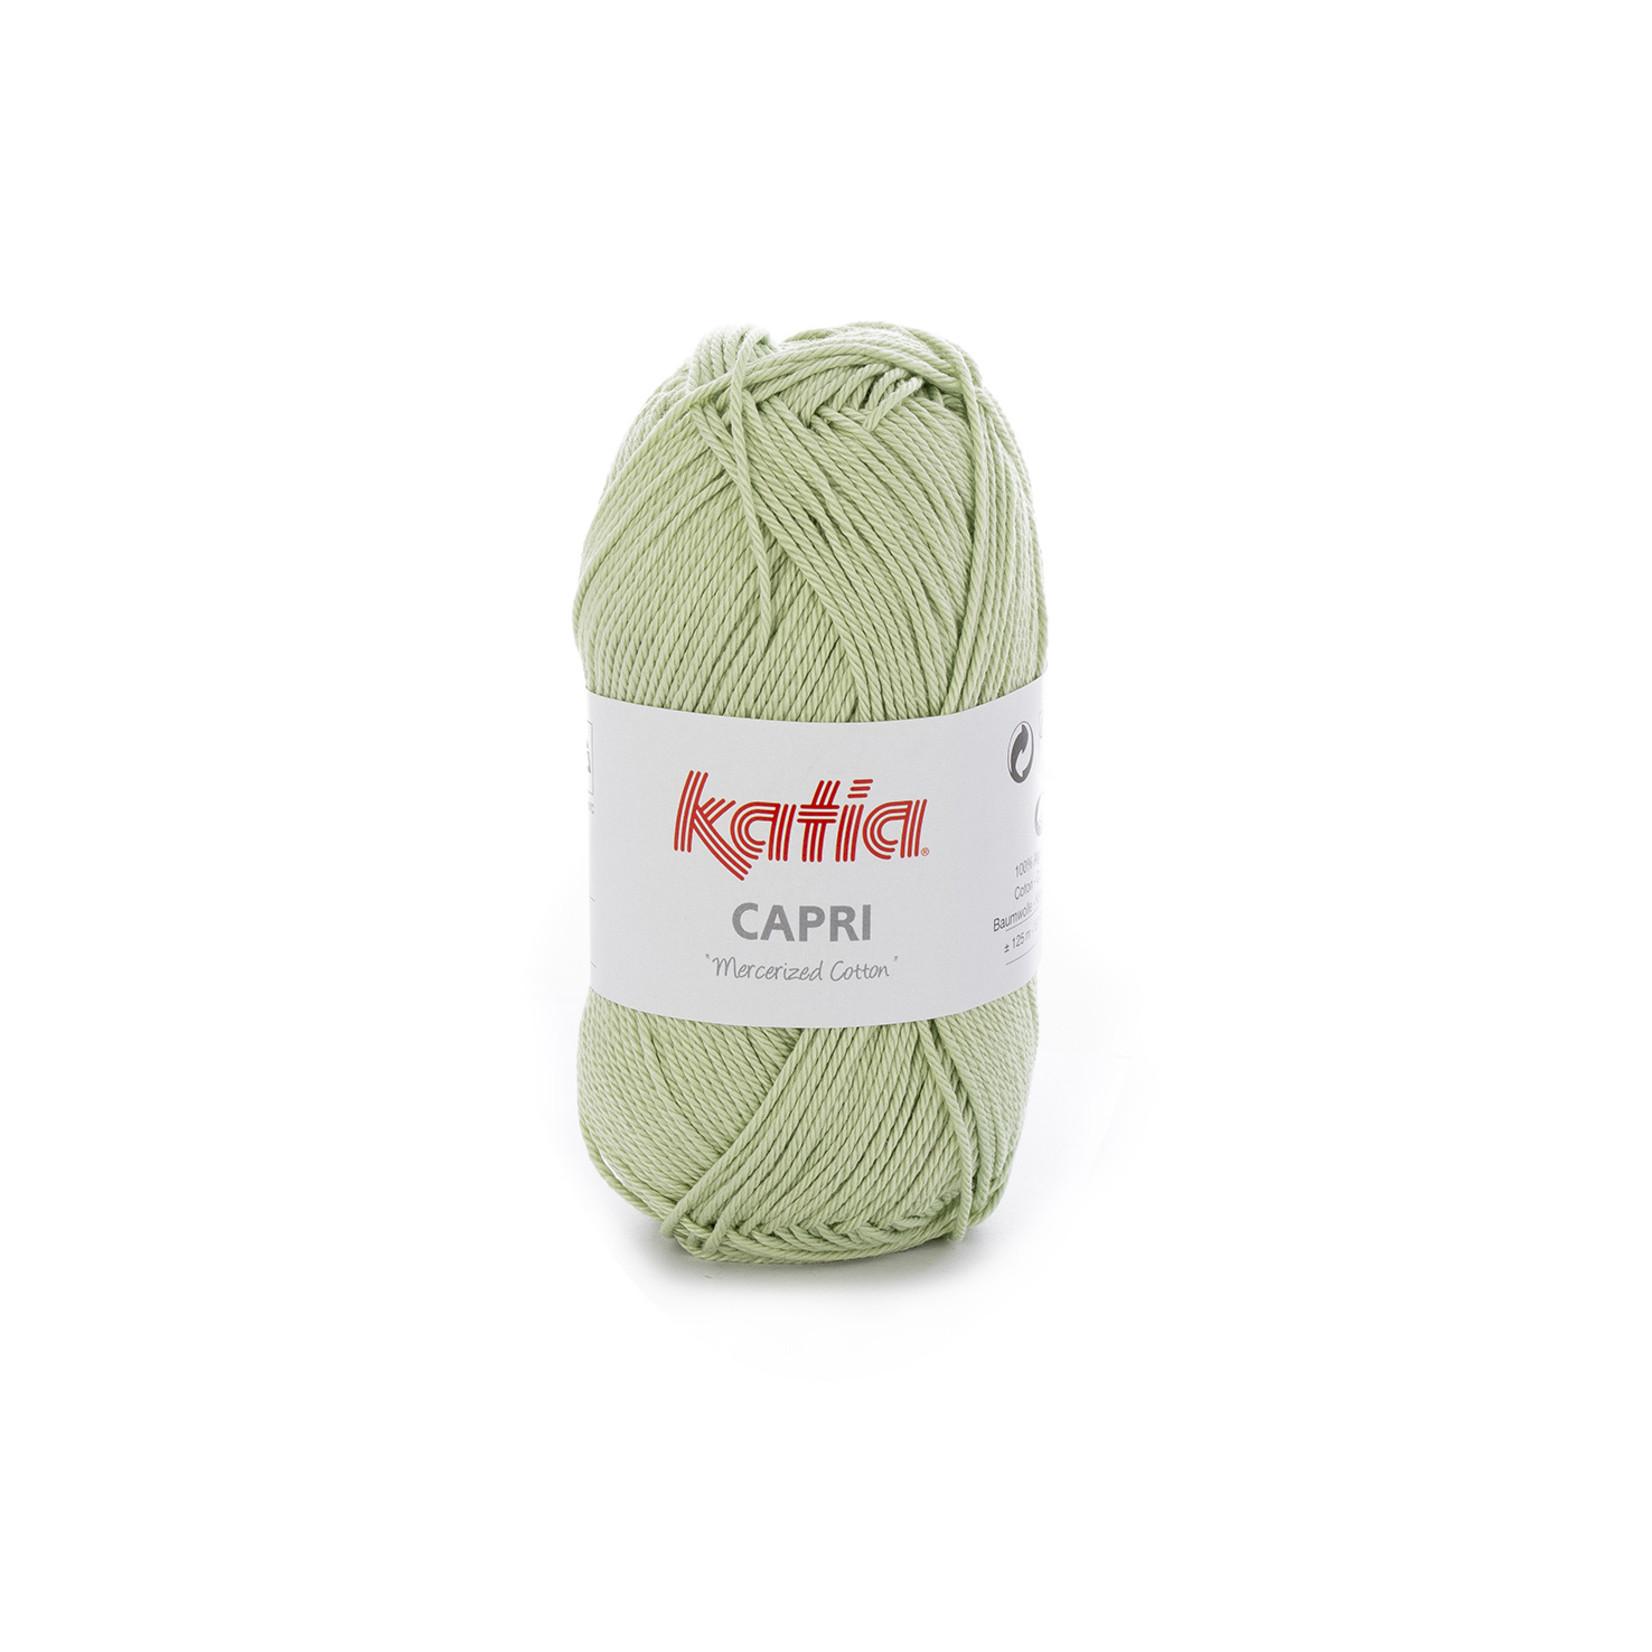 Katia Katia Capri - kleur 170 Licht groen - 50 gr. = 125 m. - 100% katoen